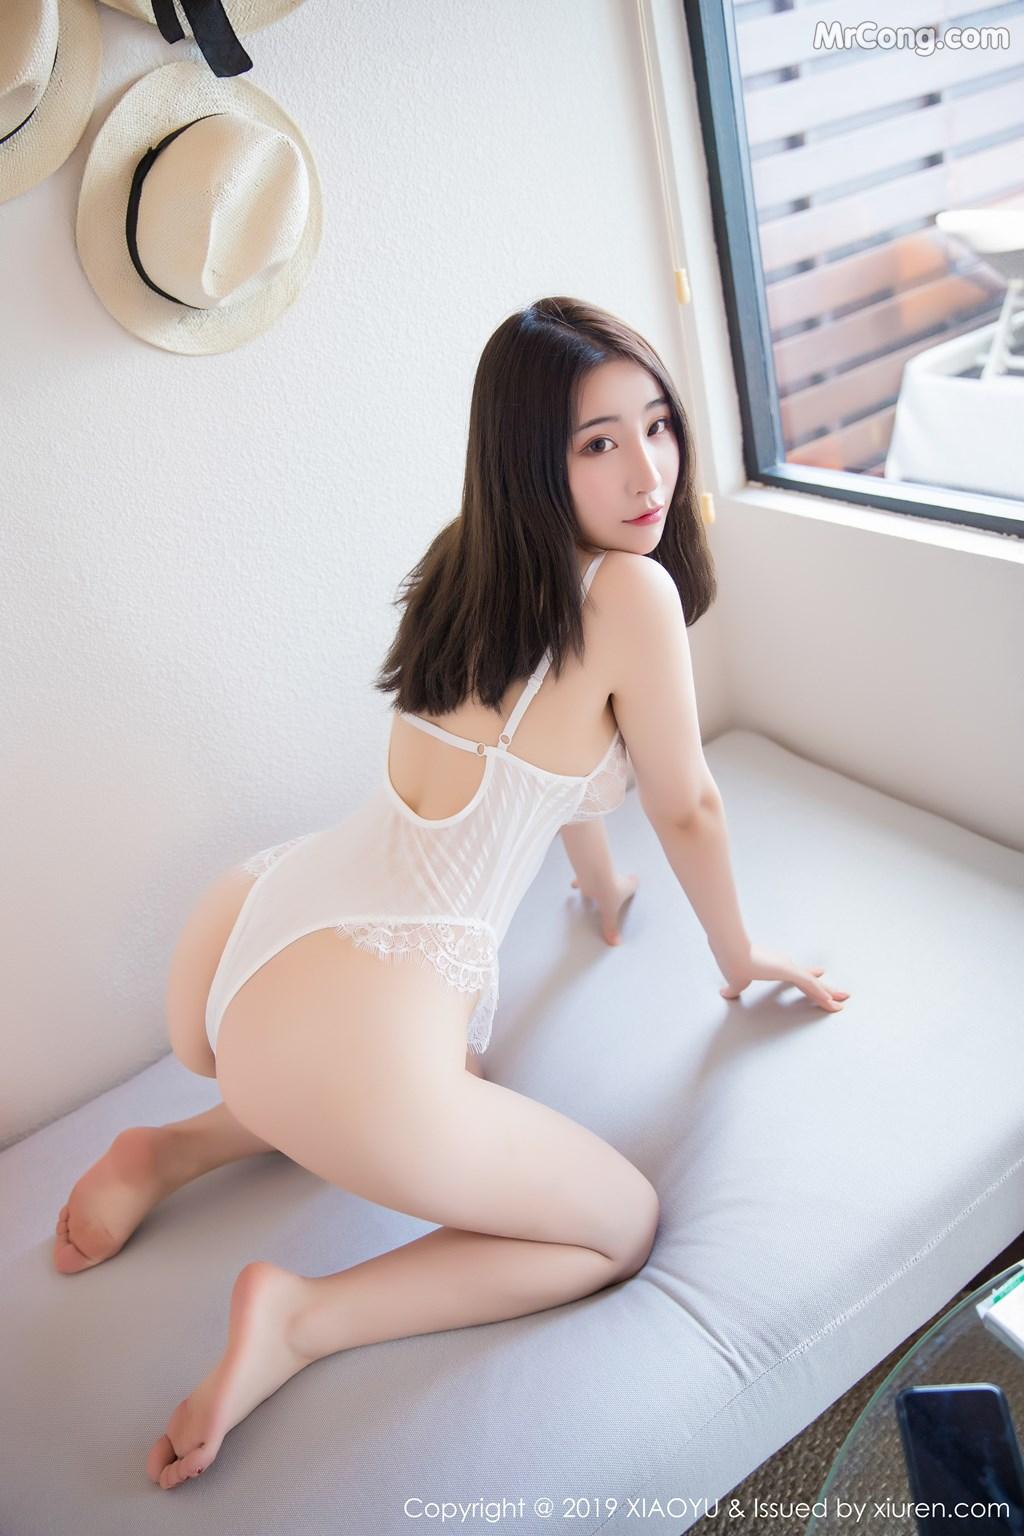 Image XiaoYu-Vol.147-Cherry-MrCong.com-003 in post XiaoYu Vol.147: 绯月樱-Cherry (66 ảnh)